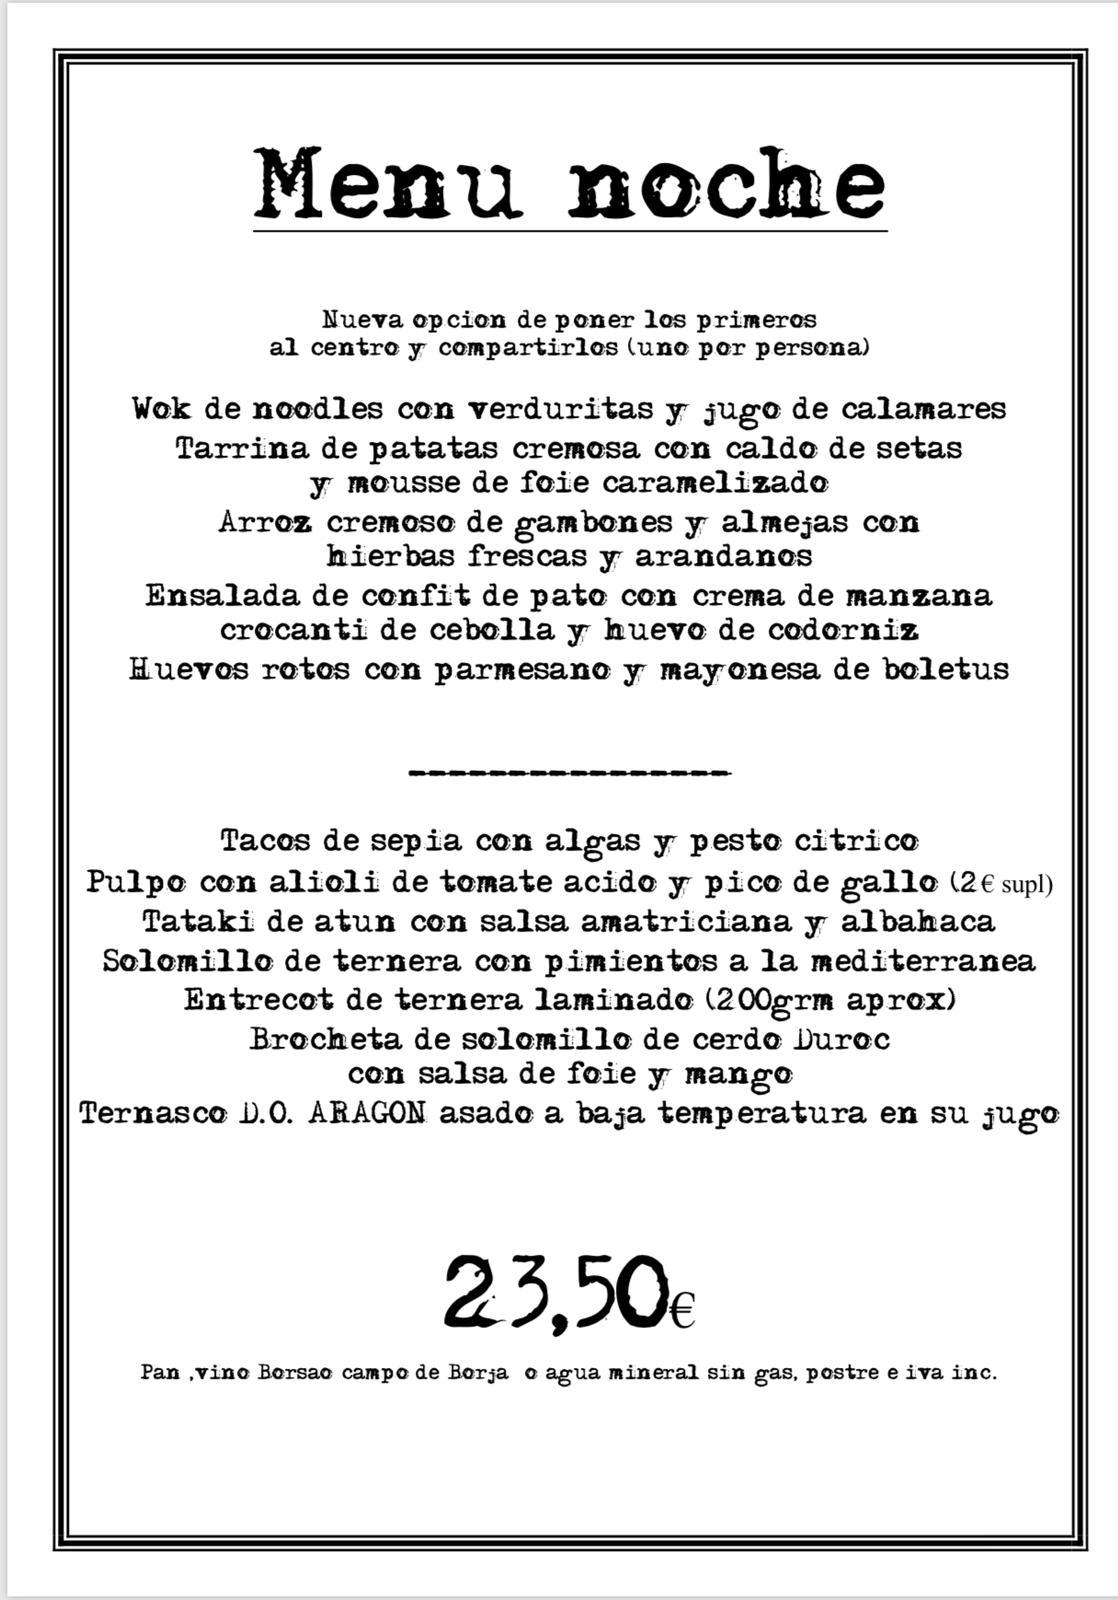 asian menu de noche